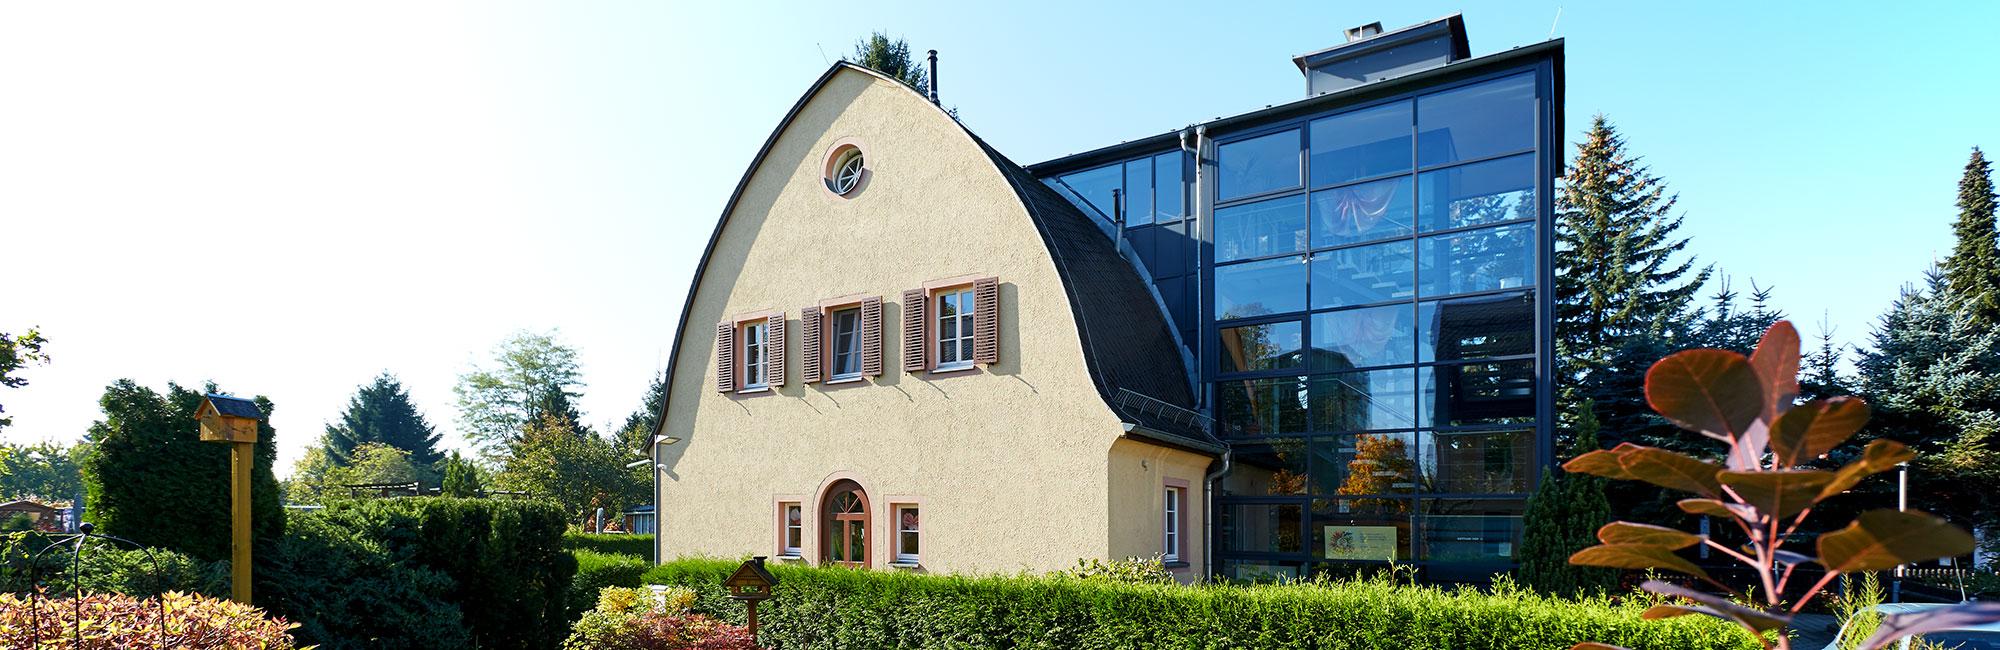 Elternverein krebskranker Kinder e. V. Chemnitz